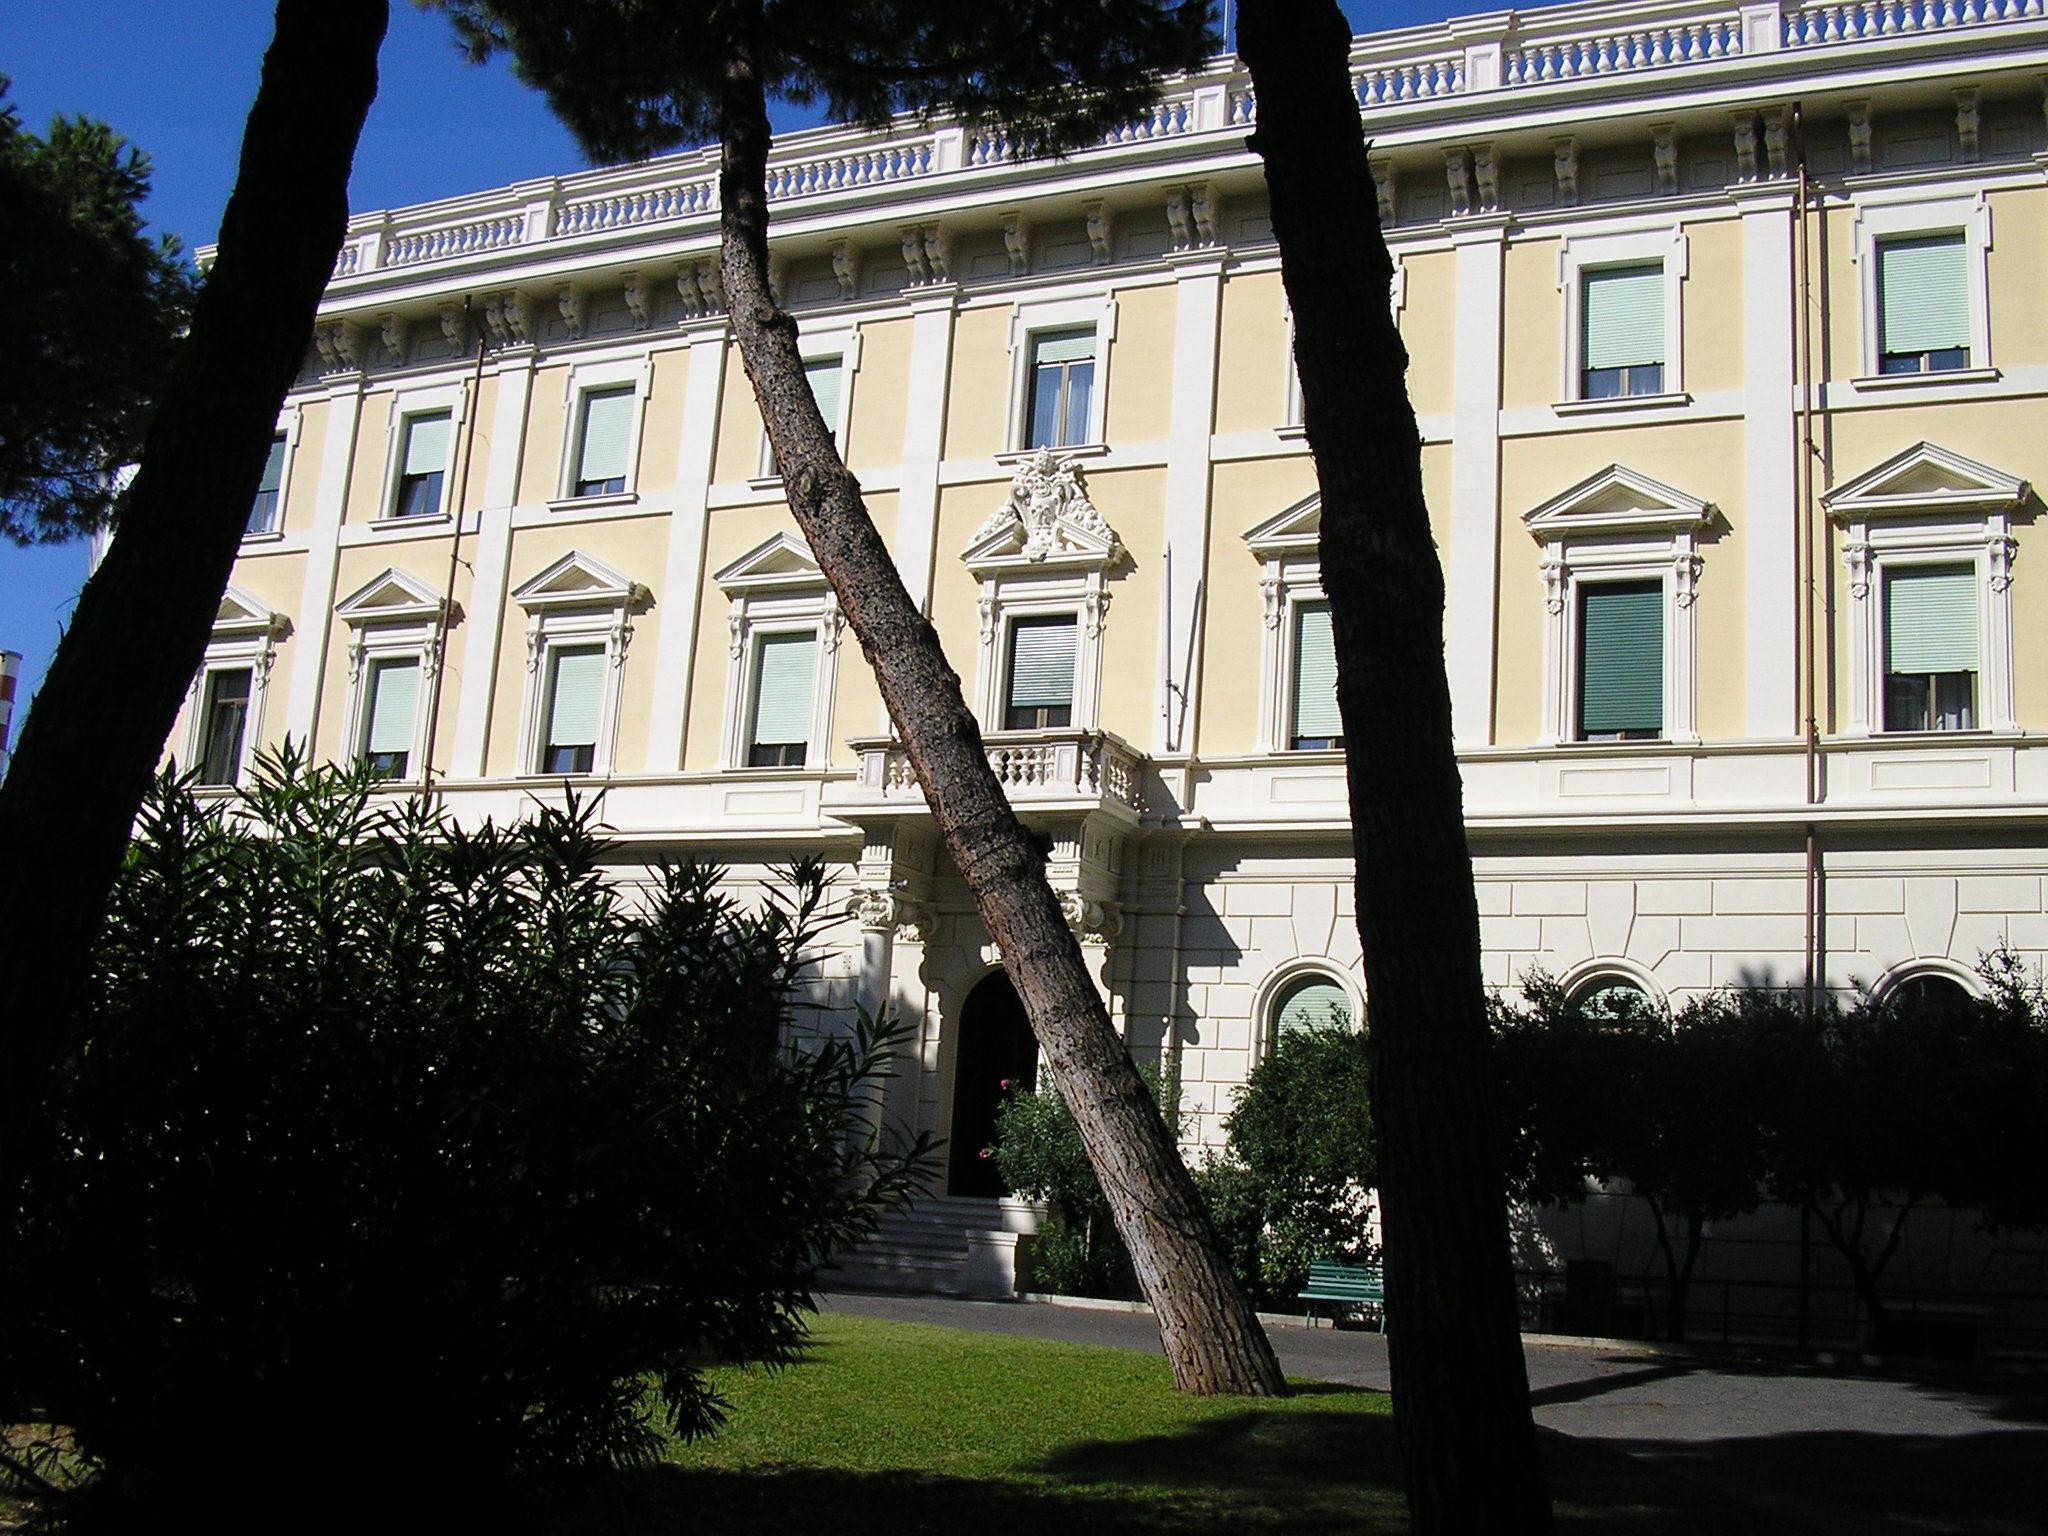 Risanamento cornicione Palazzo Collegio Irlandese, Roma